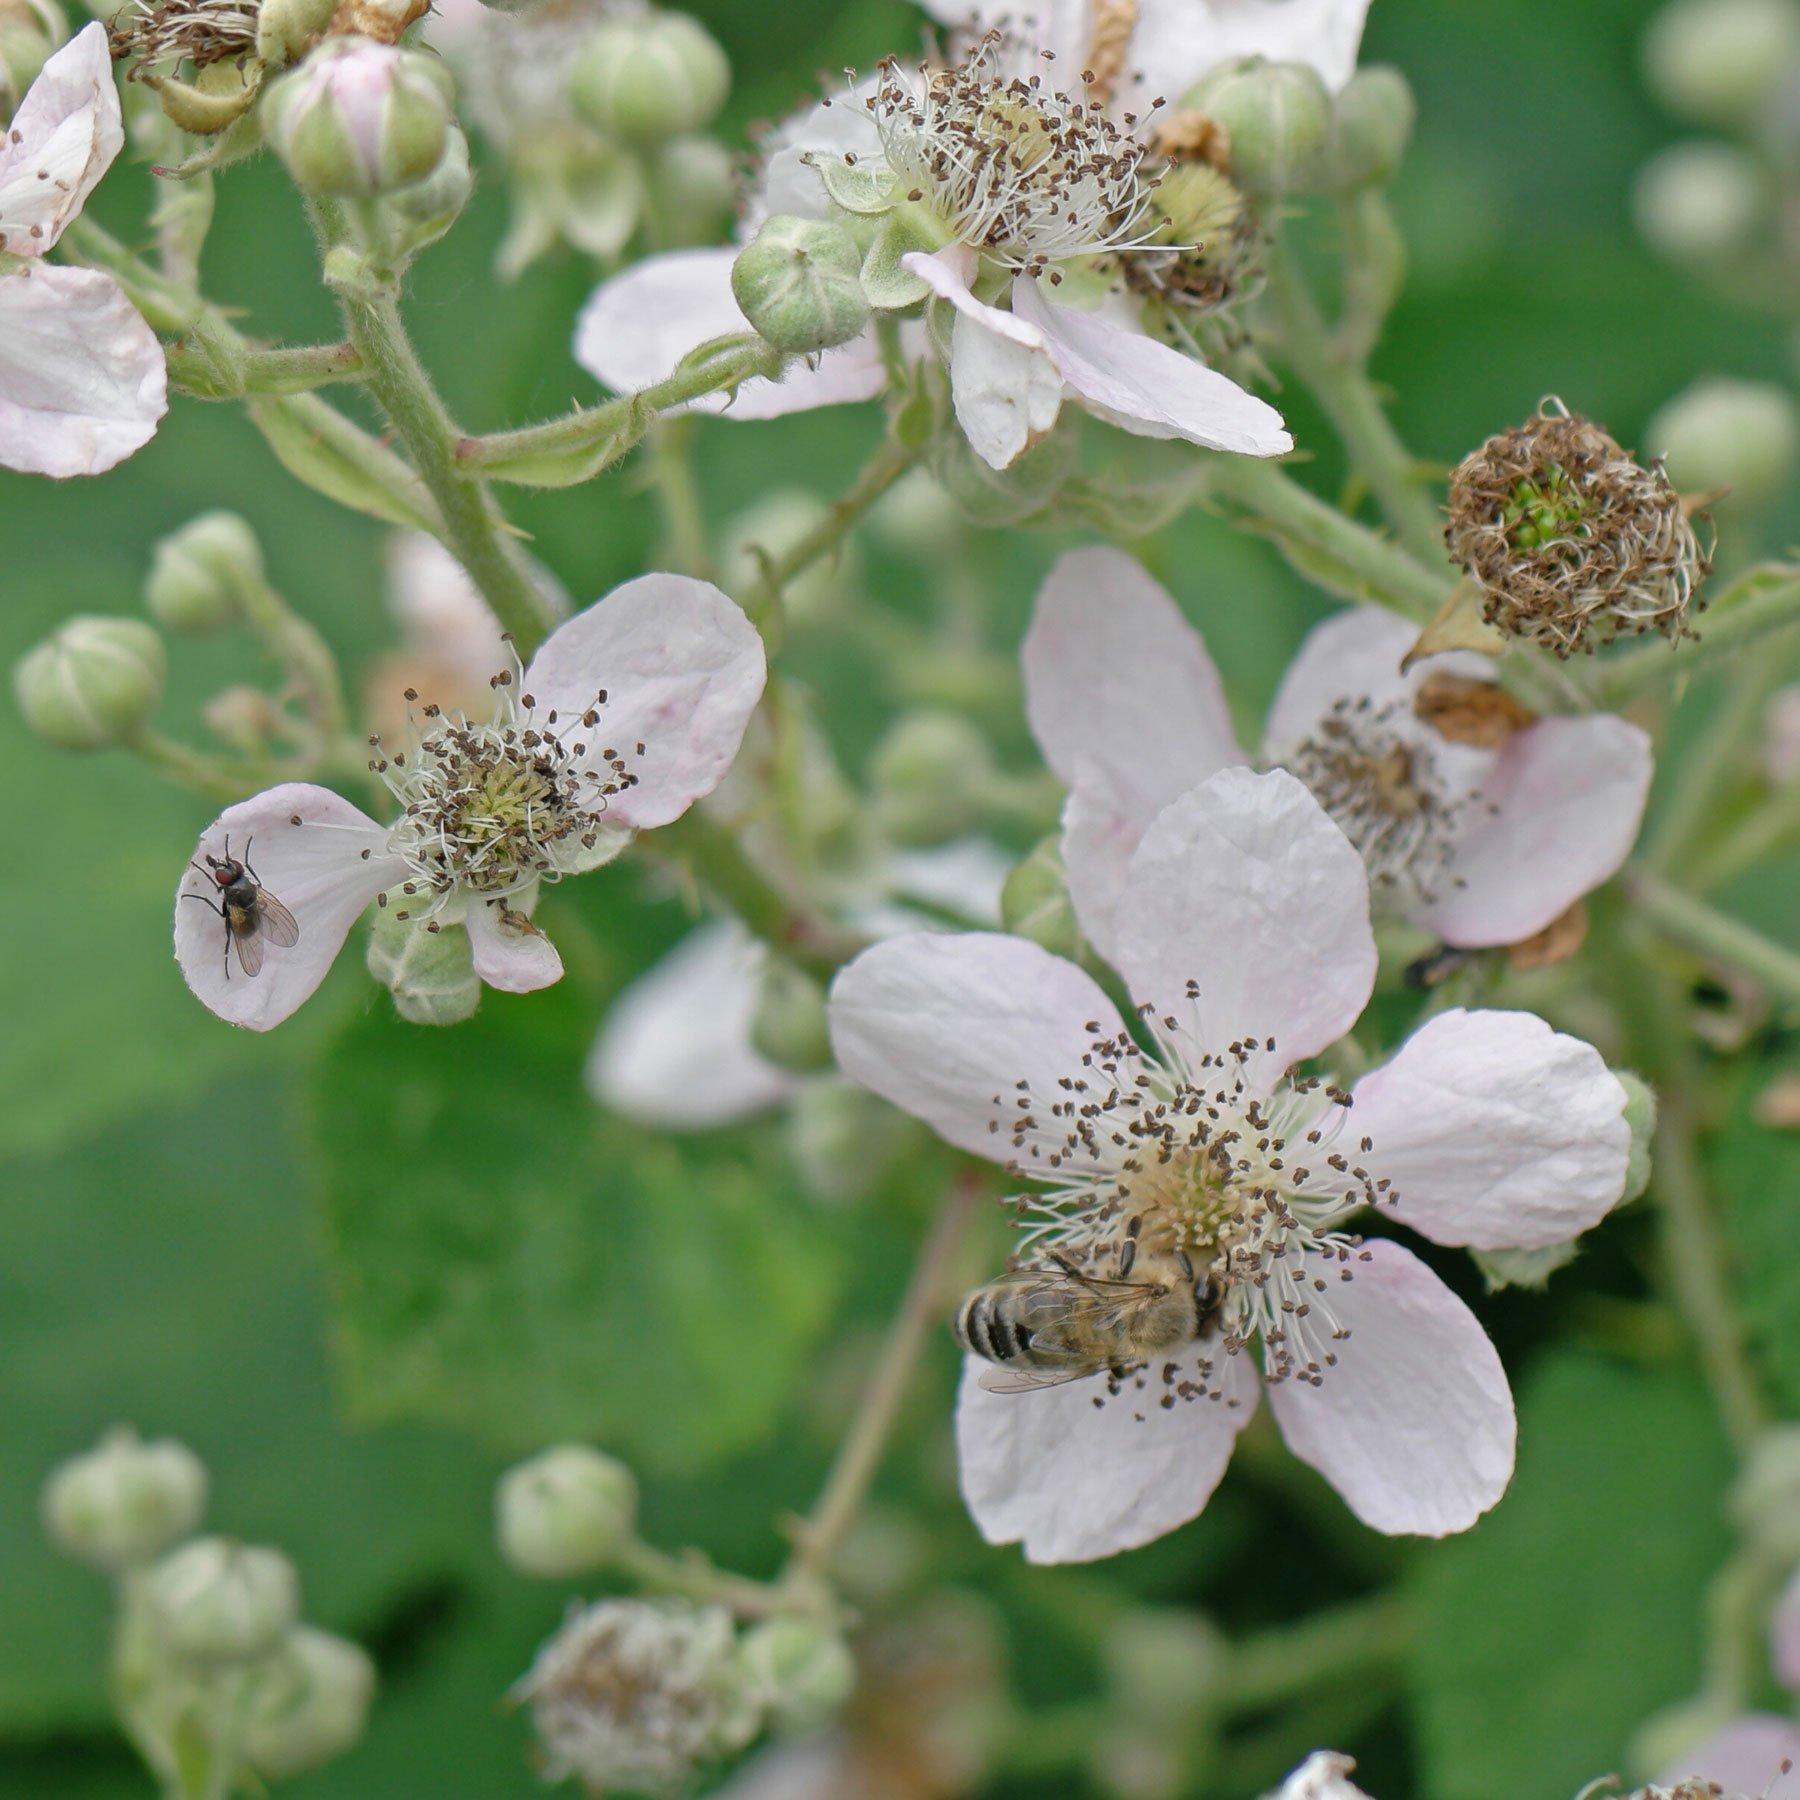 Fliege und Honigbiene auf Brombeere